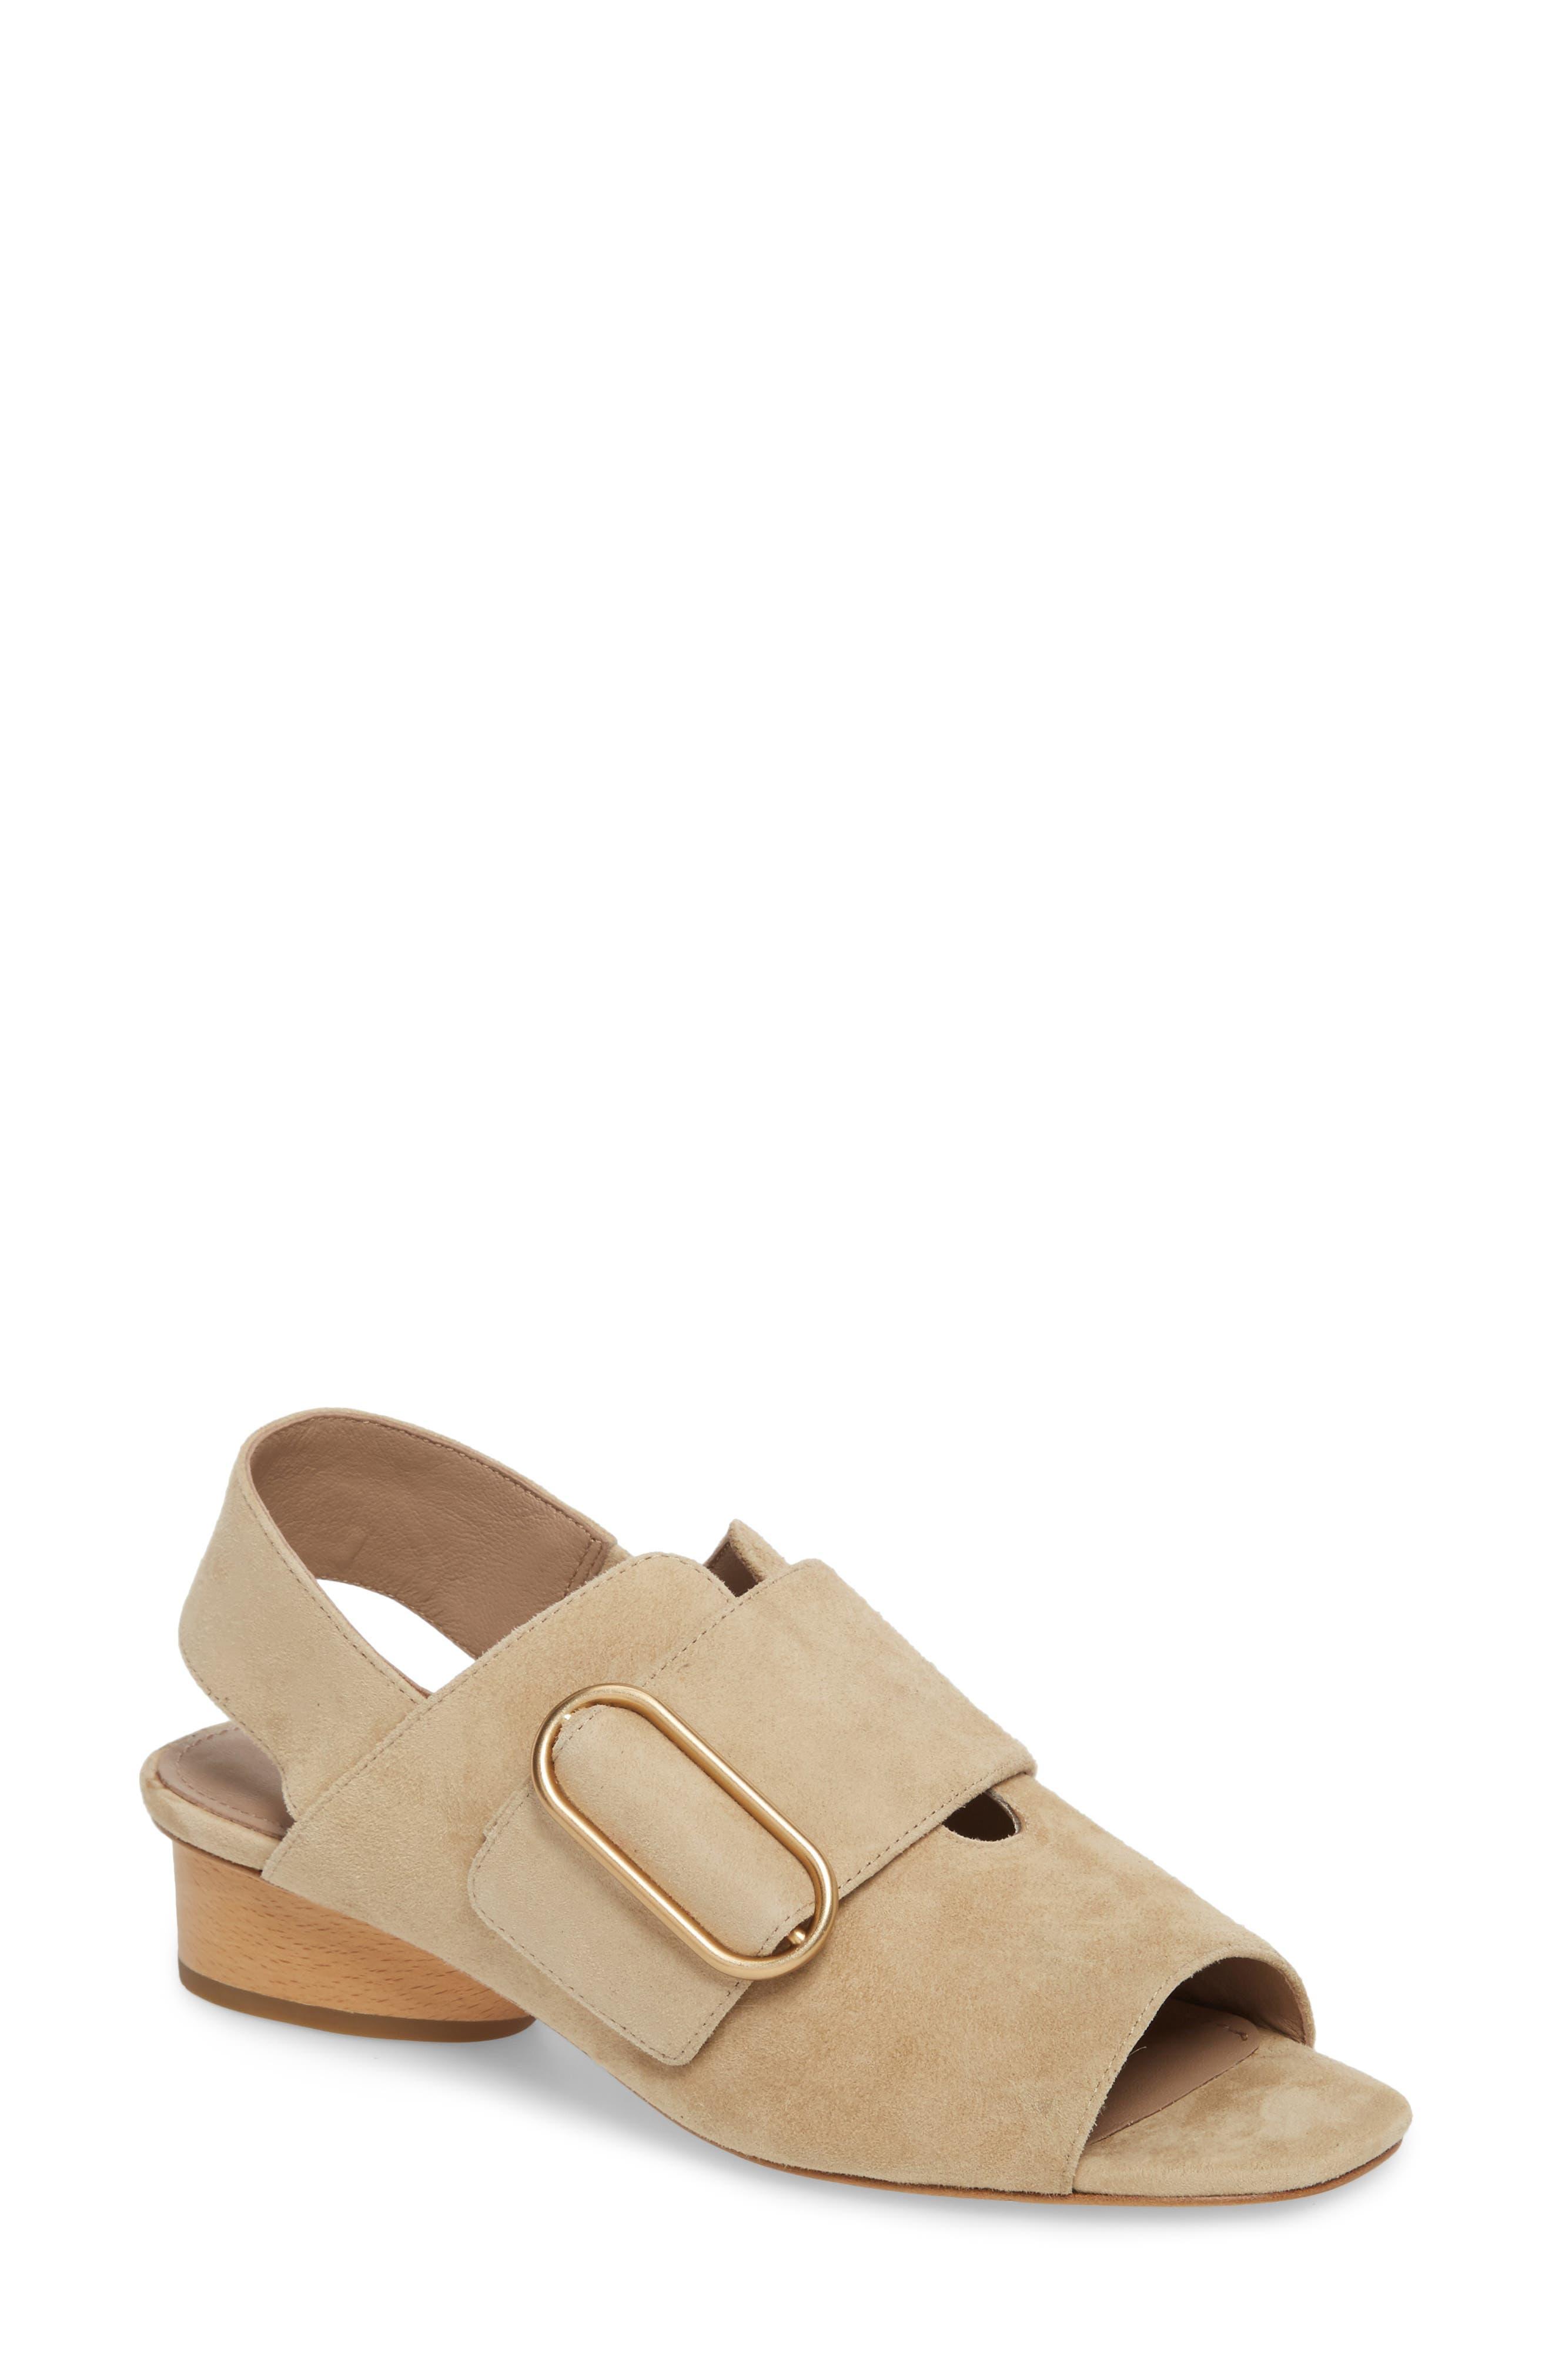 Randi Slingback Sandal,                         Main,                         color, Natural Suede